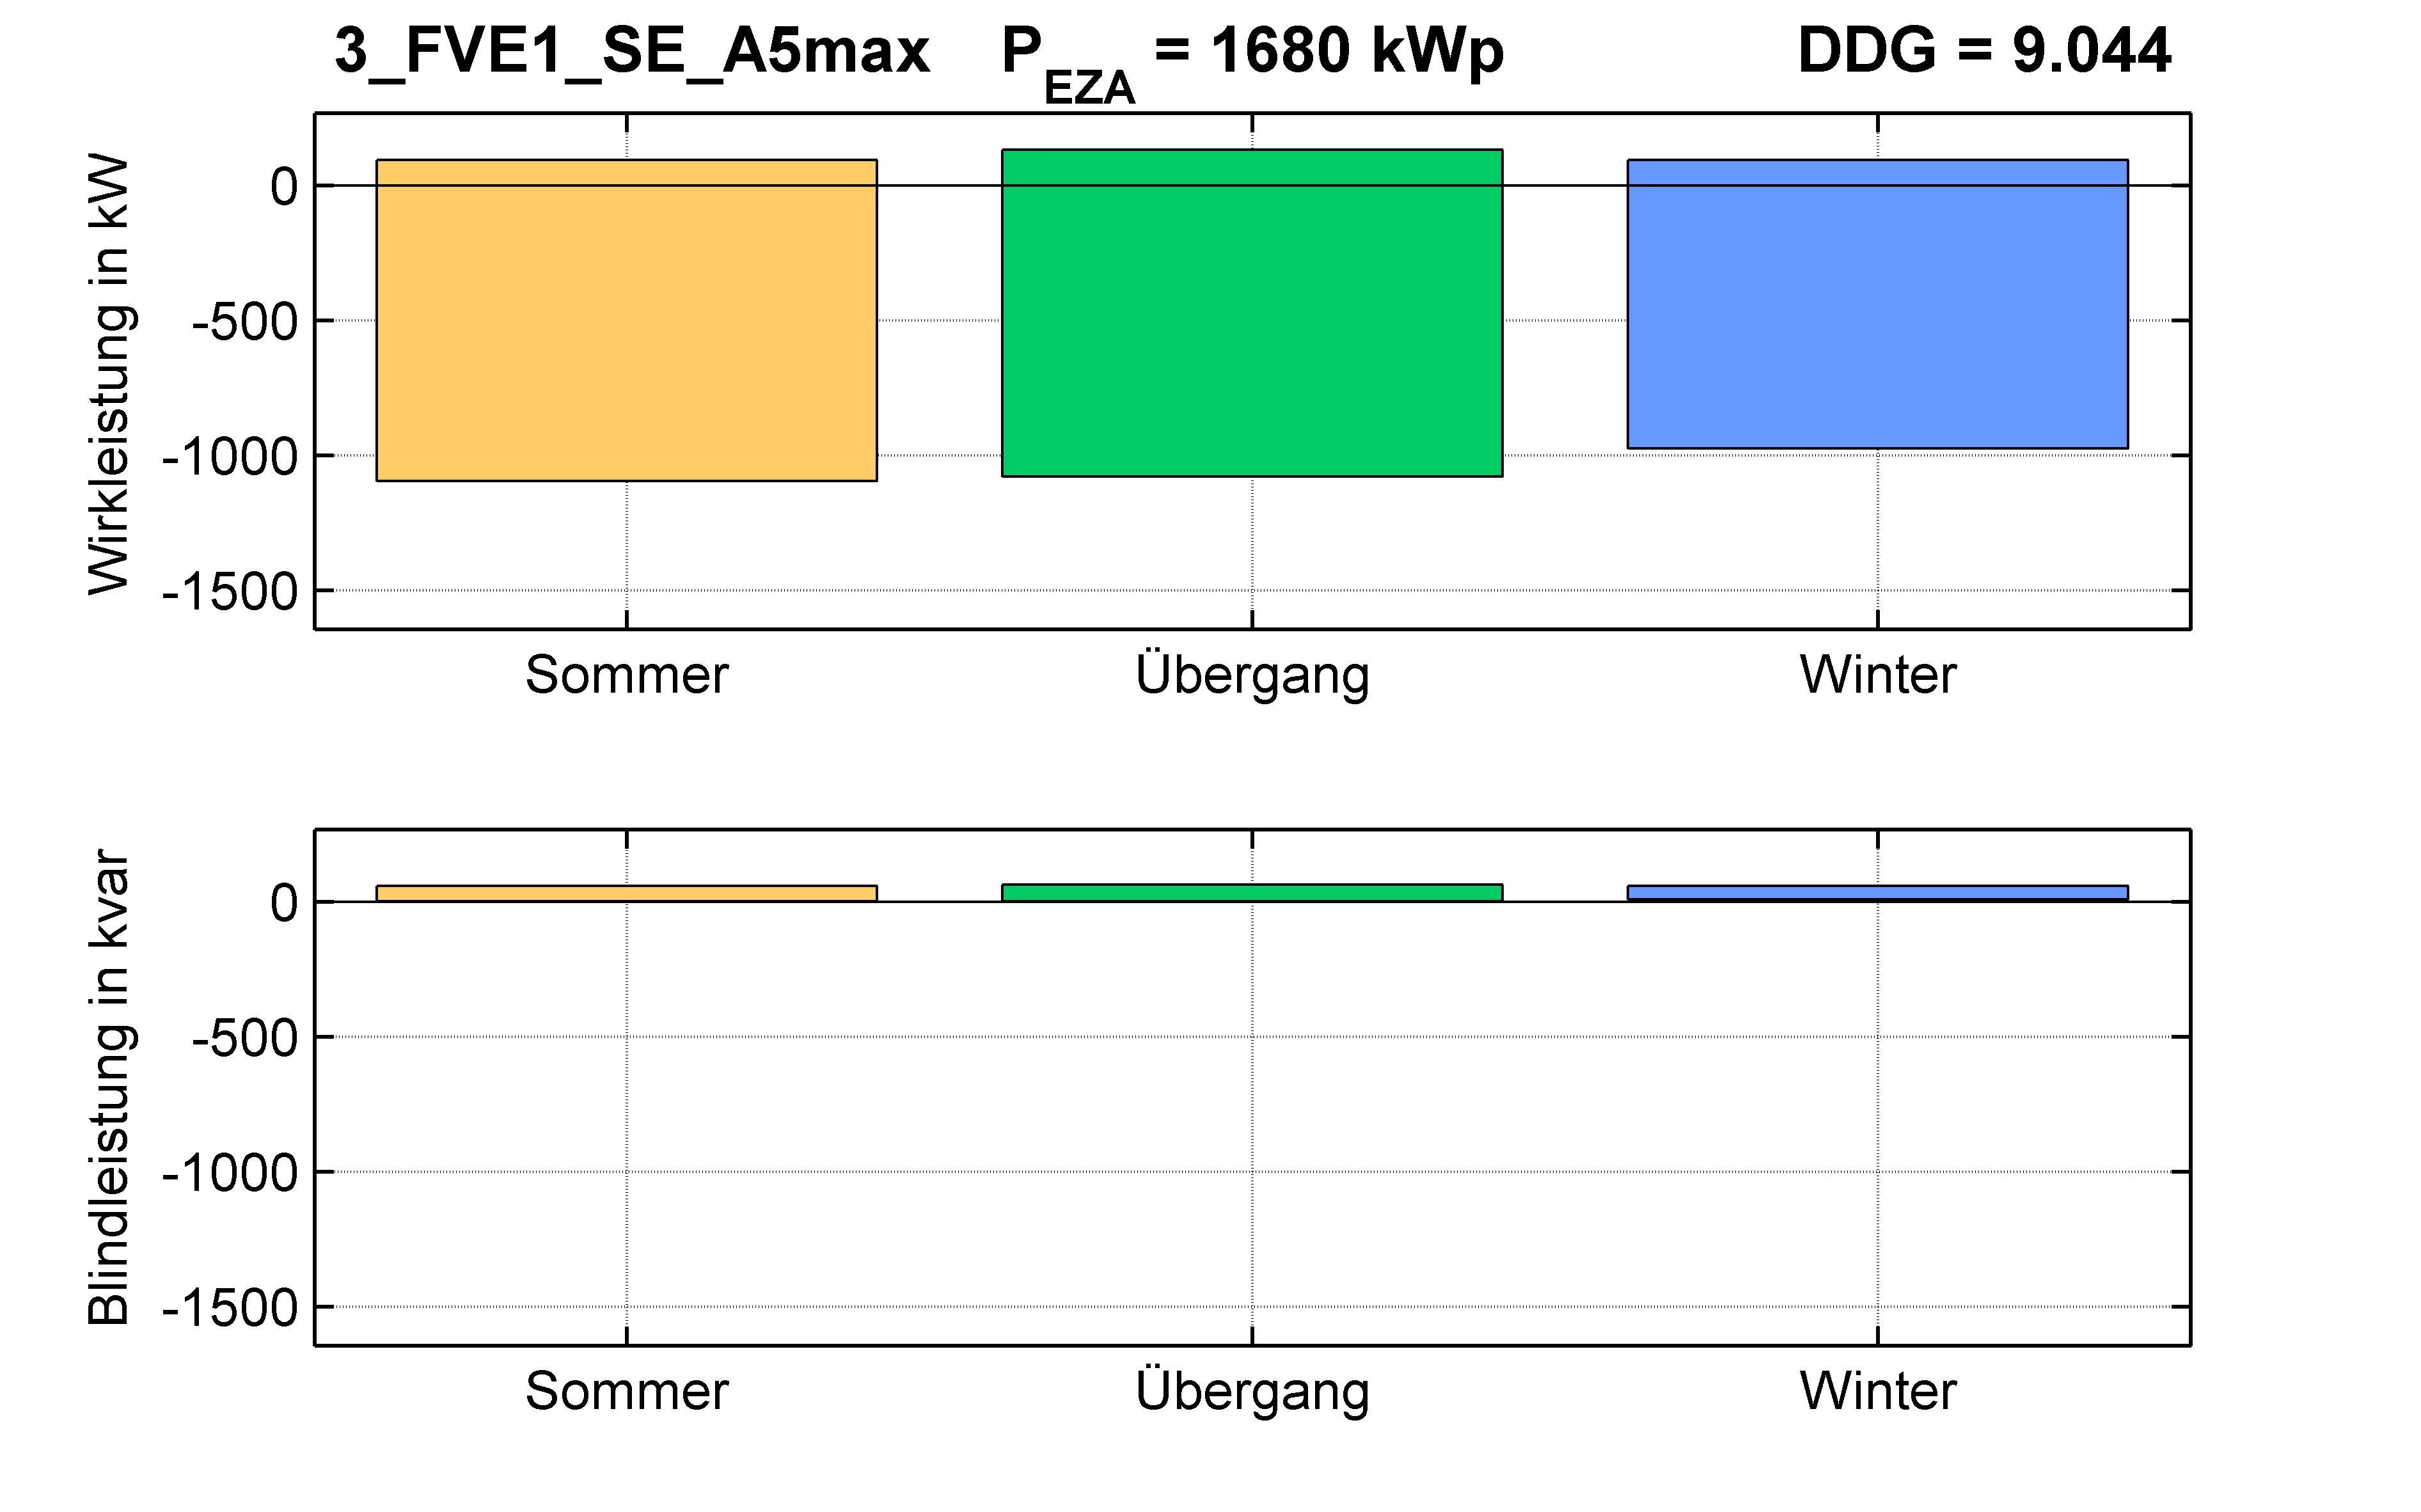 FVE1 | P-Kappung 70% (SE) A5max | PQ-Bilanz